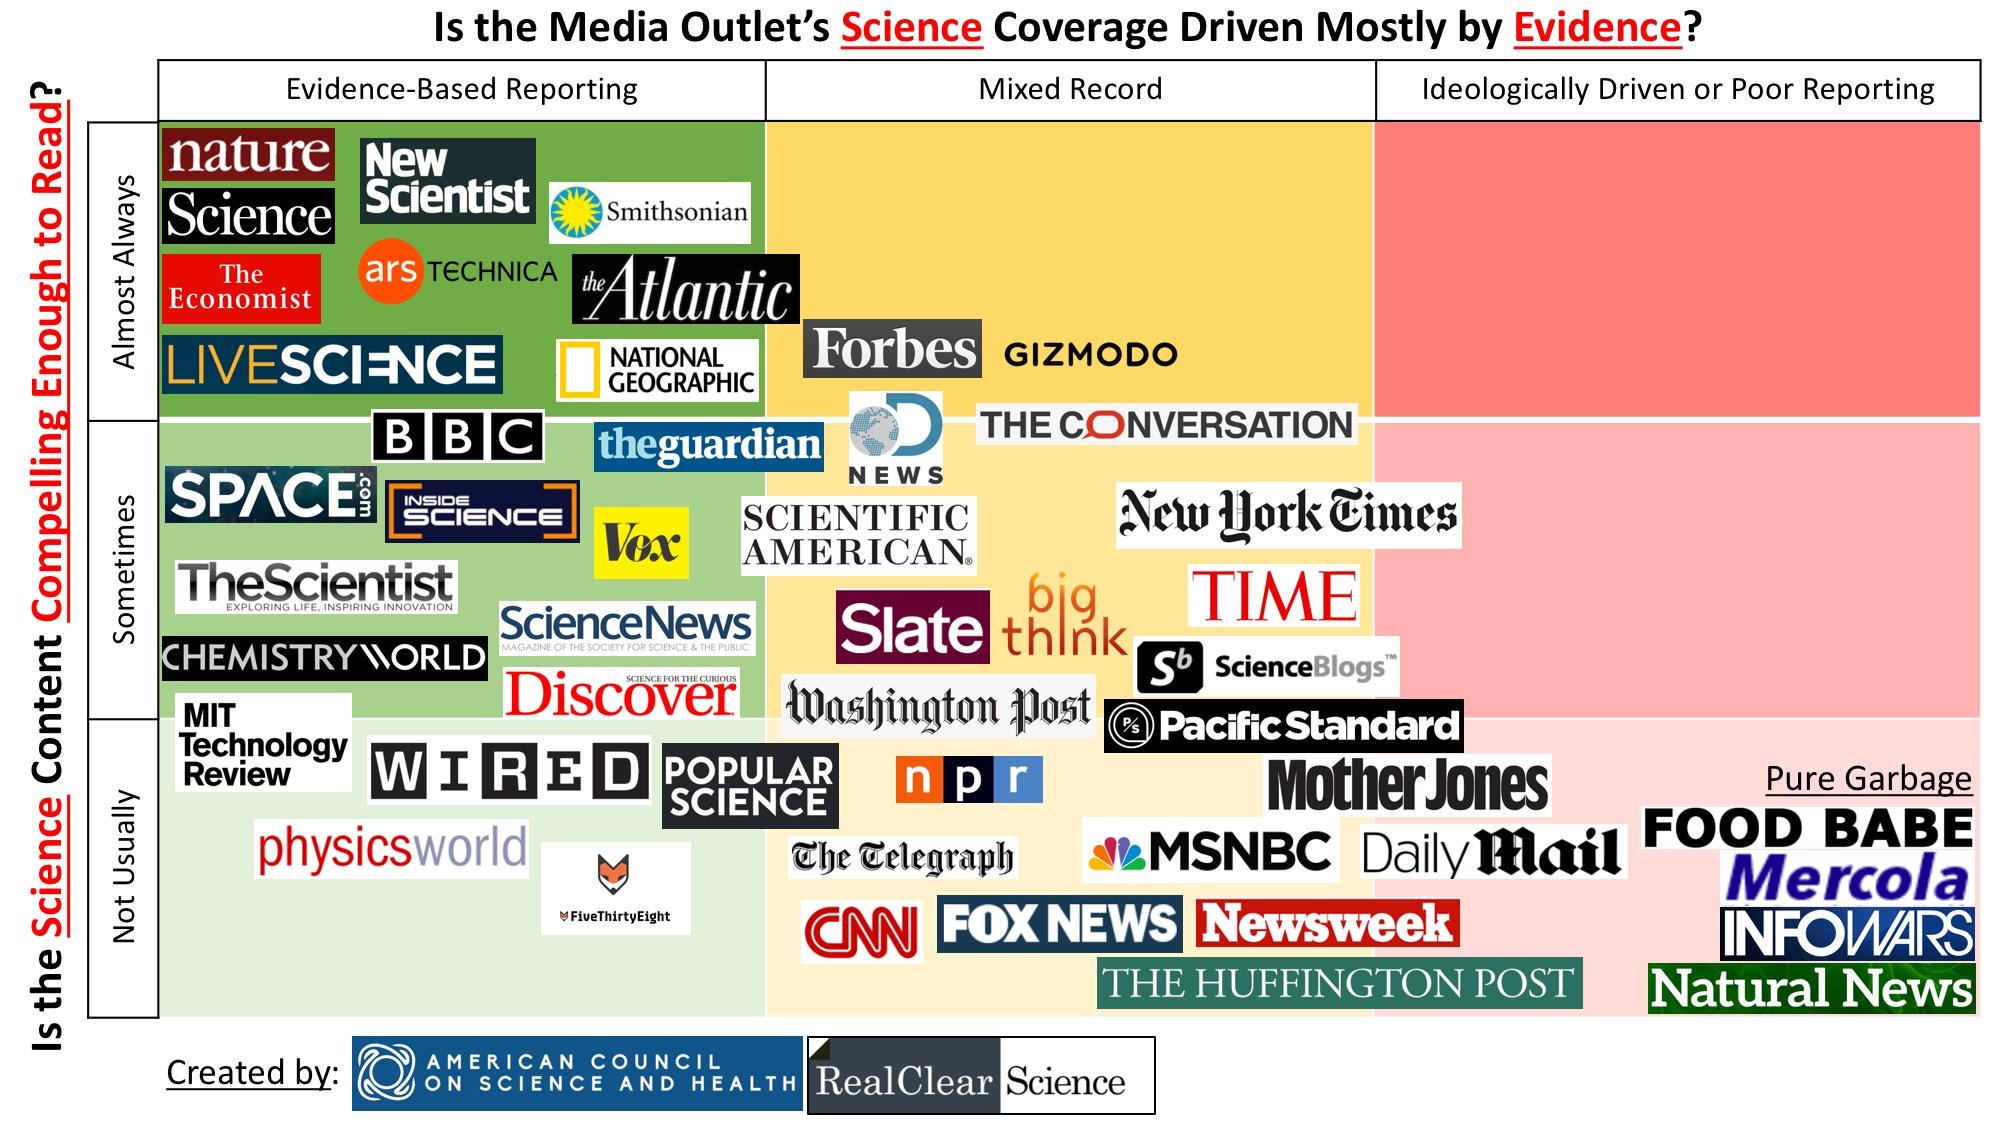 """美国科学网站制作的媒体机构评比表:横轴表示基本可信性,纵轴表示媒体竞争力,左上角的媒体是""""上上之选"""""""